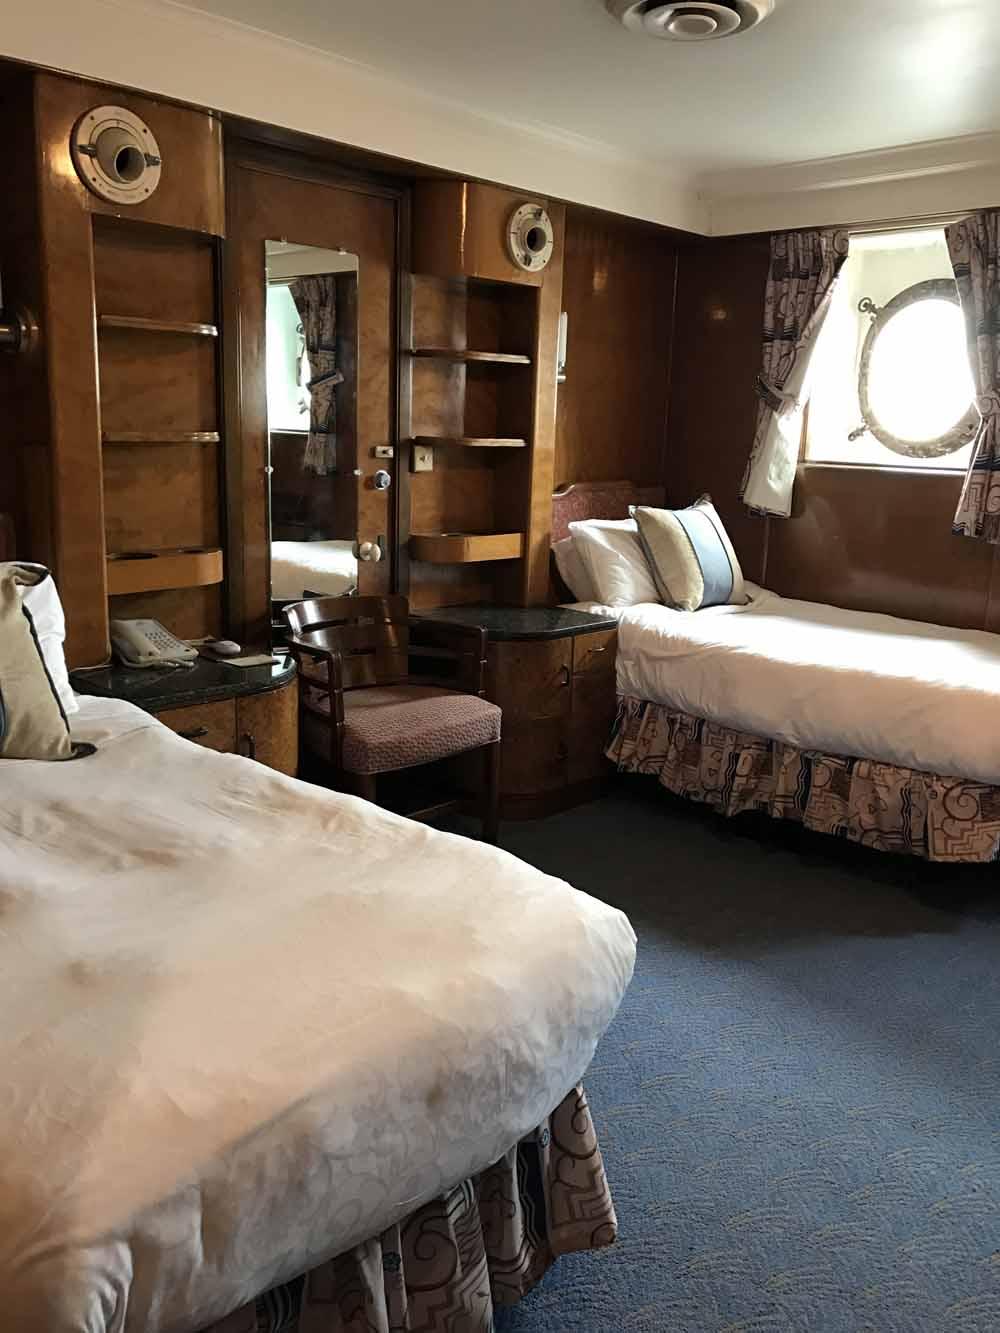 Kummitusjahdissa Queen Mary -aluksella 8